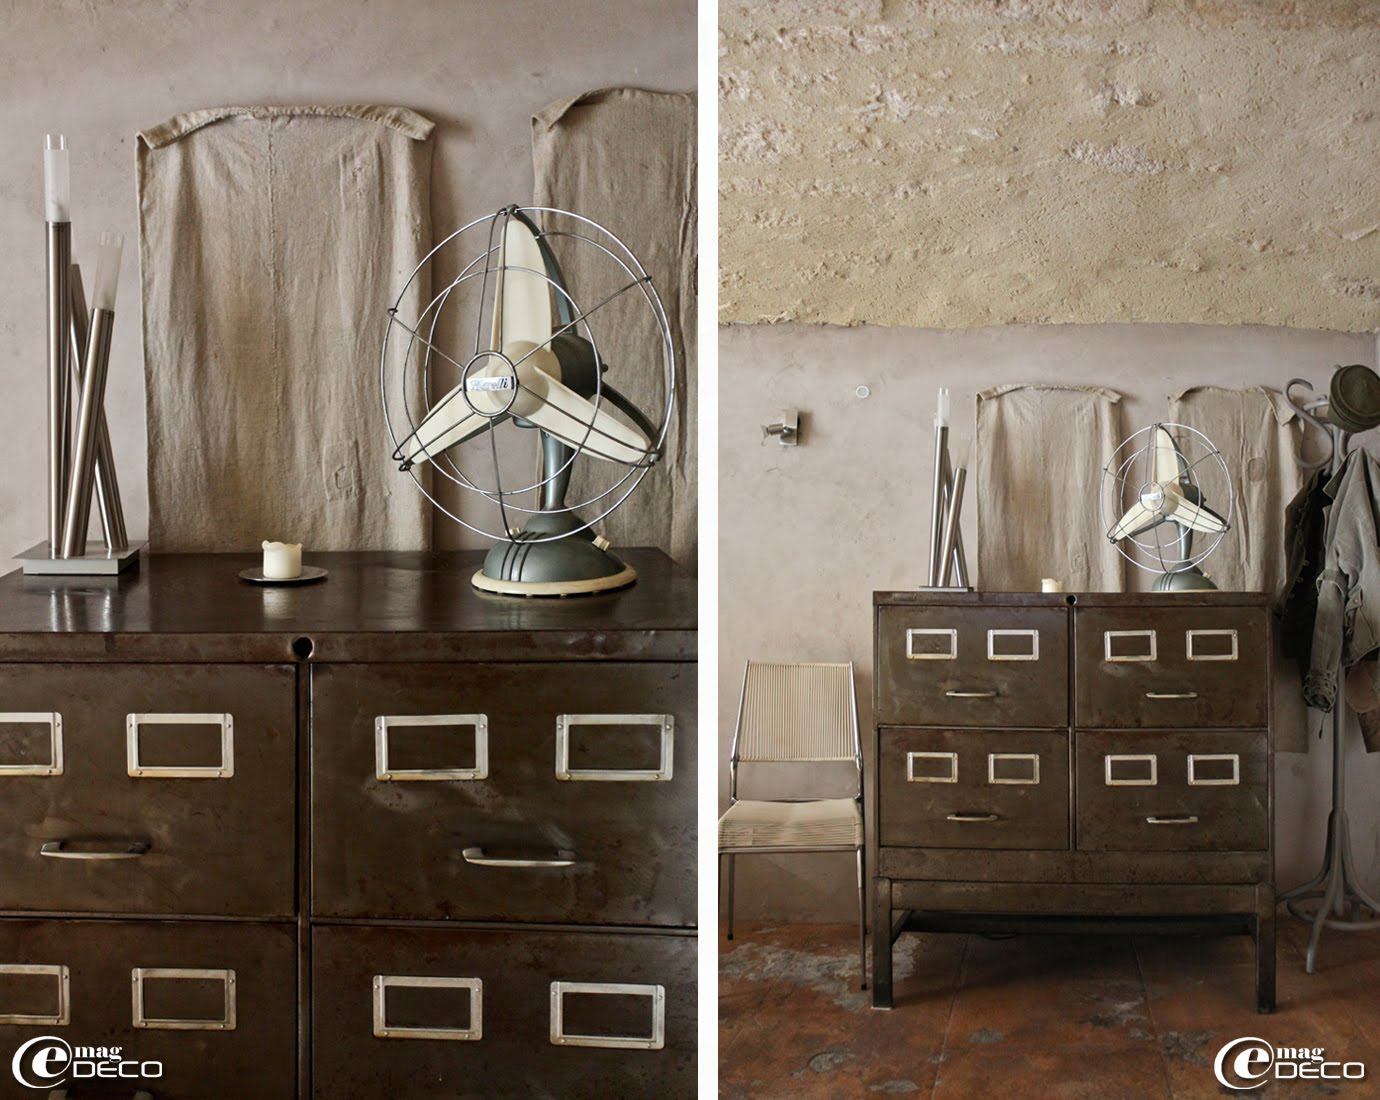 Dans un esprit vintage, un vieux ventilateur Marelli et une chaise Scoubidou recouverte de fils de plastique